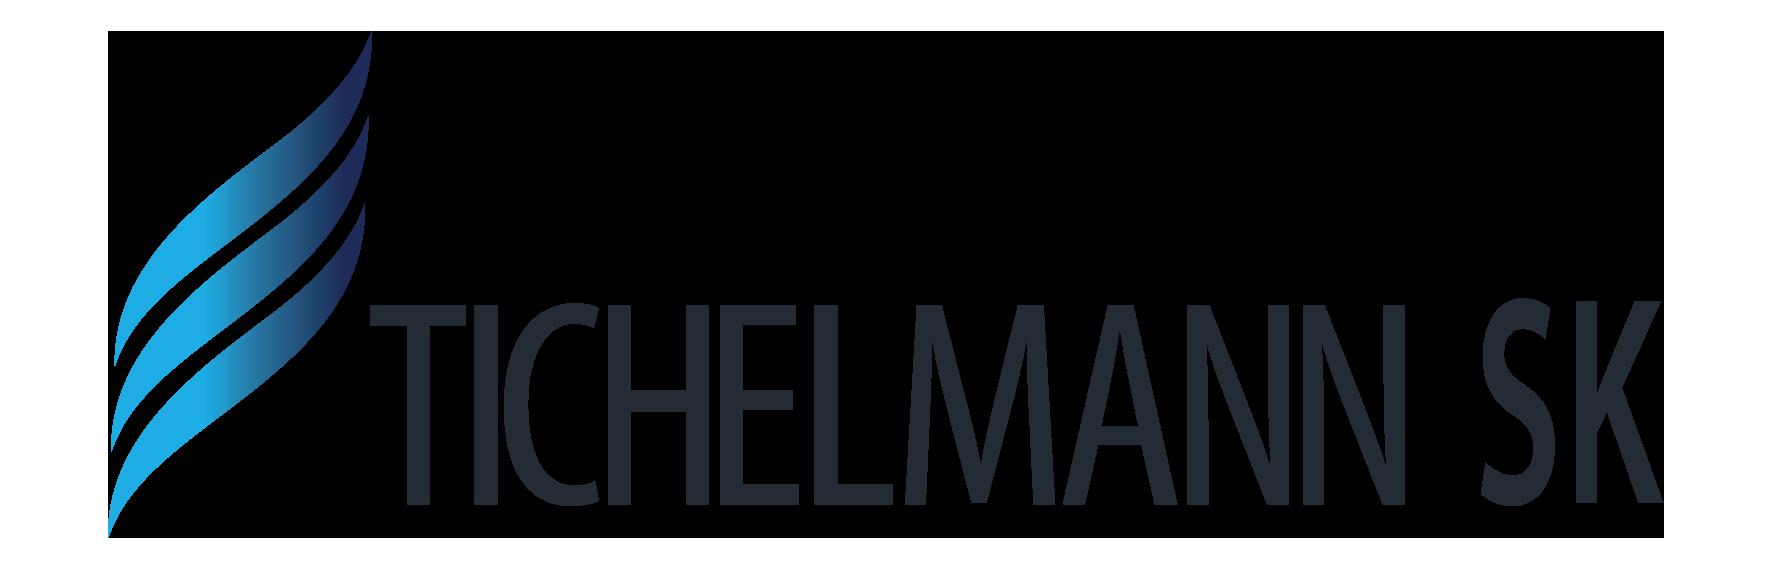 Tichelmann s.r.o